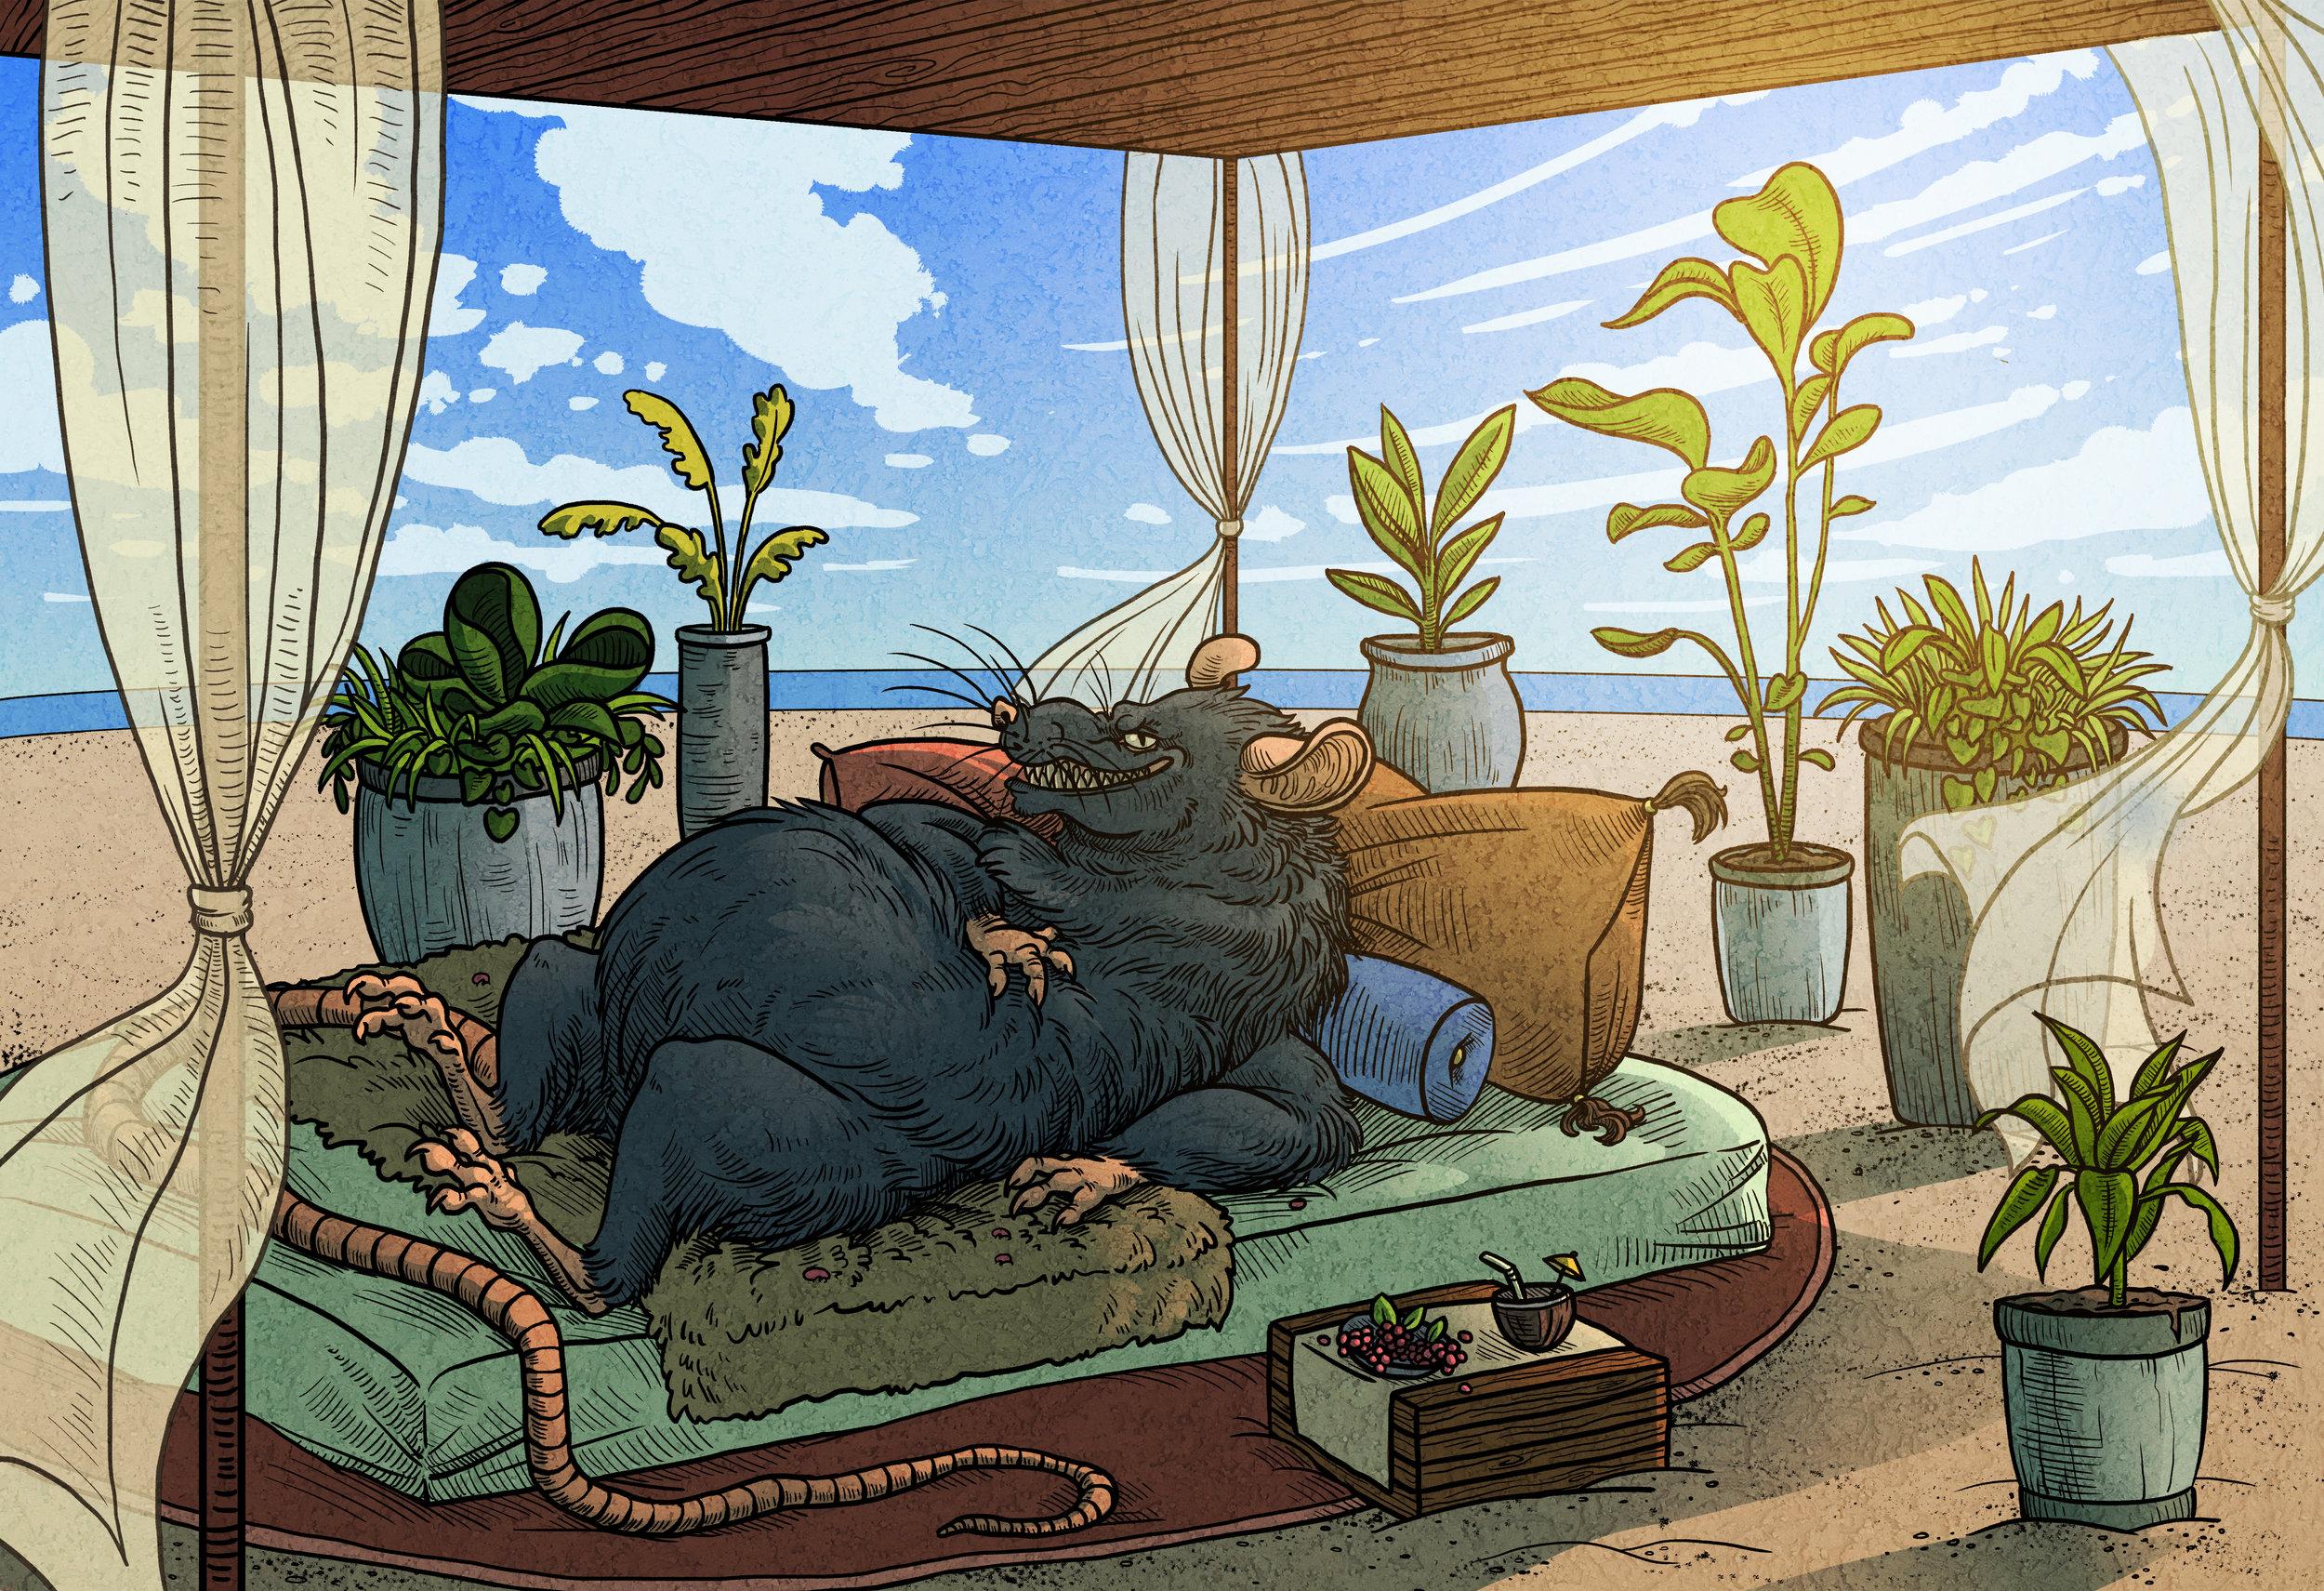 rat illustrationfinal.jpg